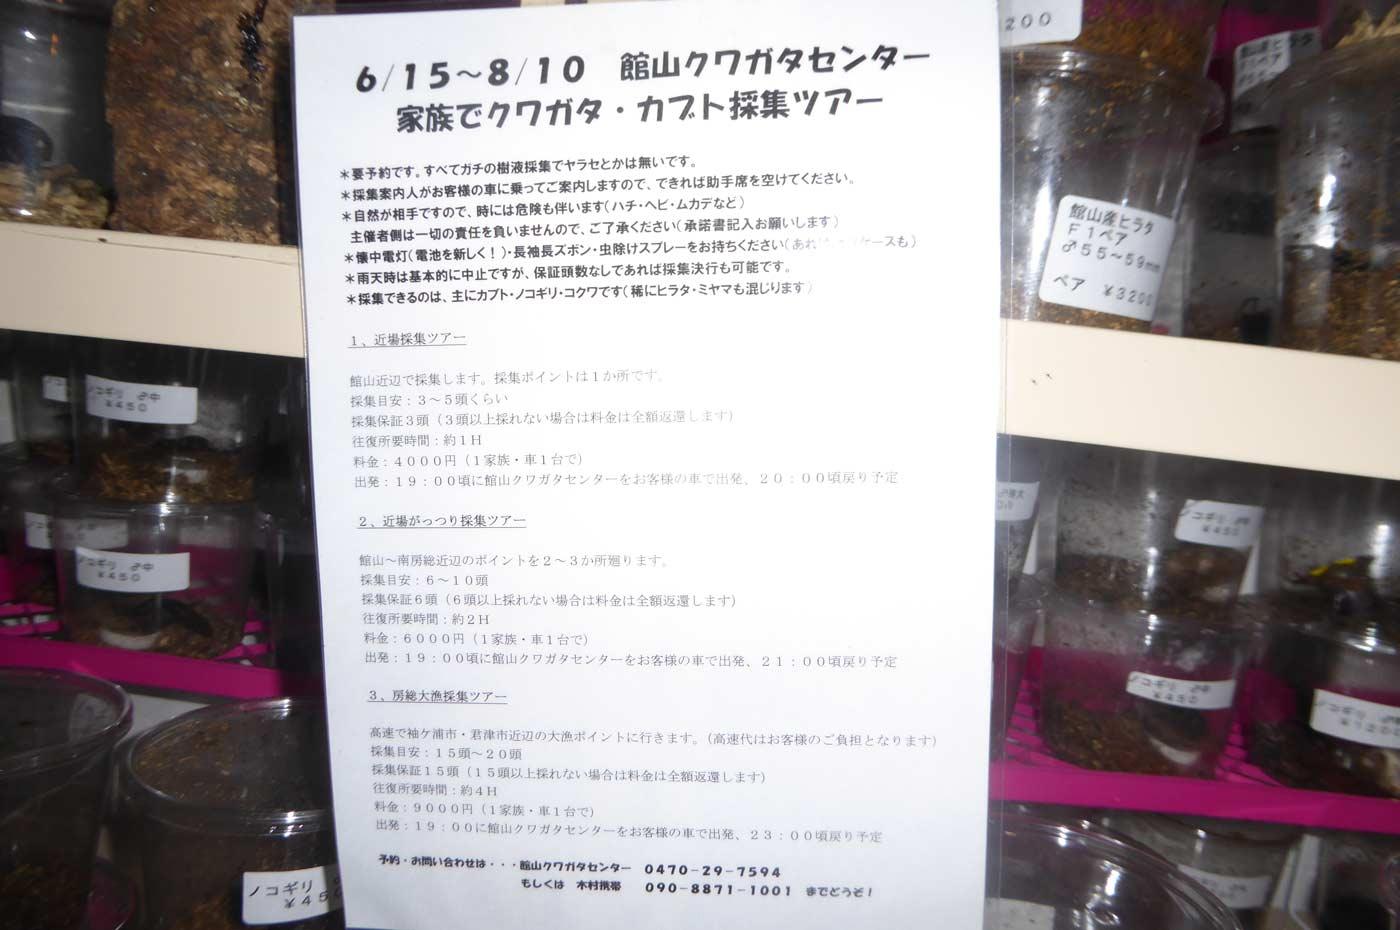 館山クワガタセンターのクワガタ採集ツアー